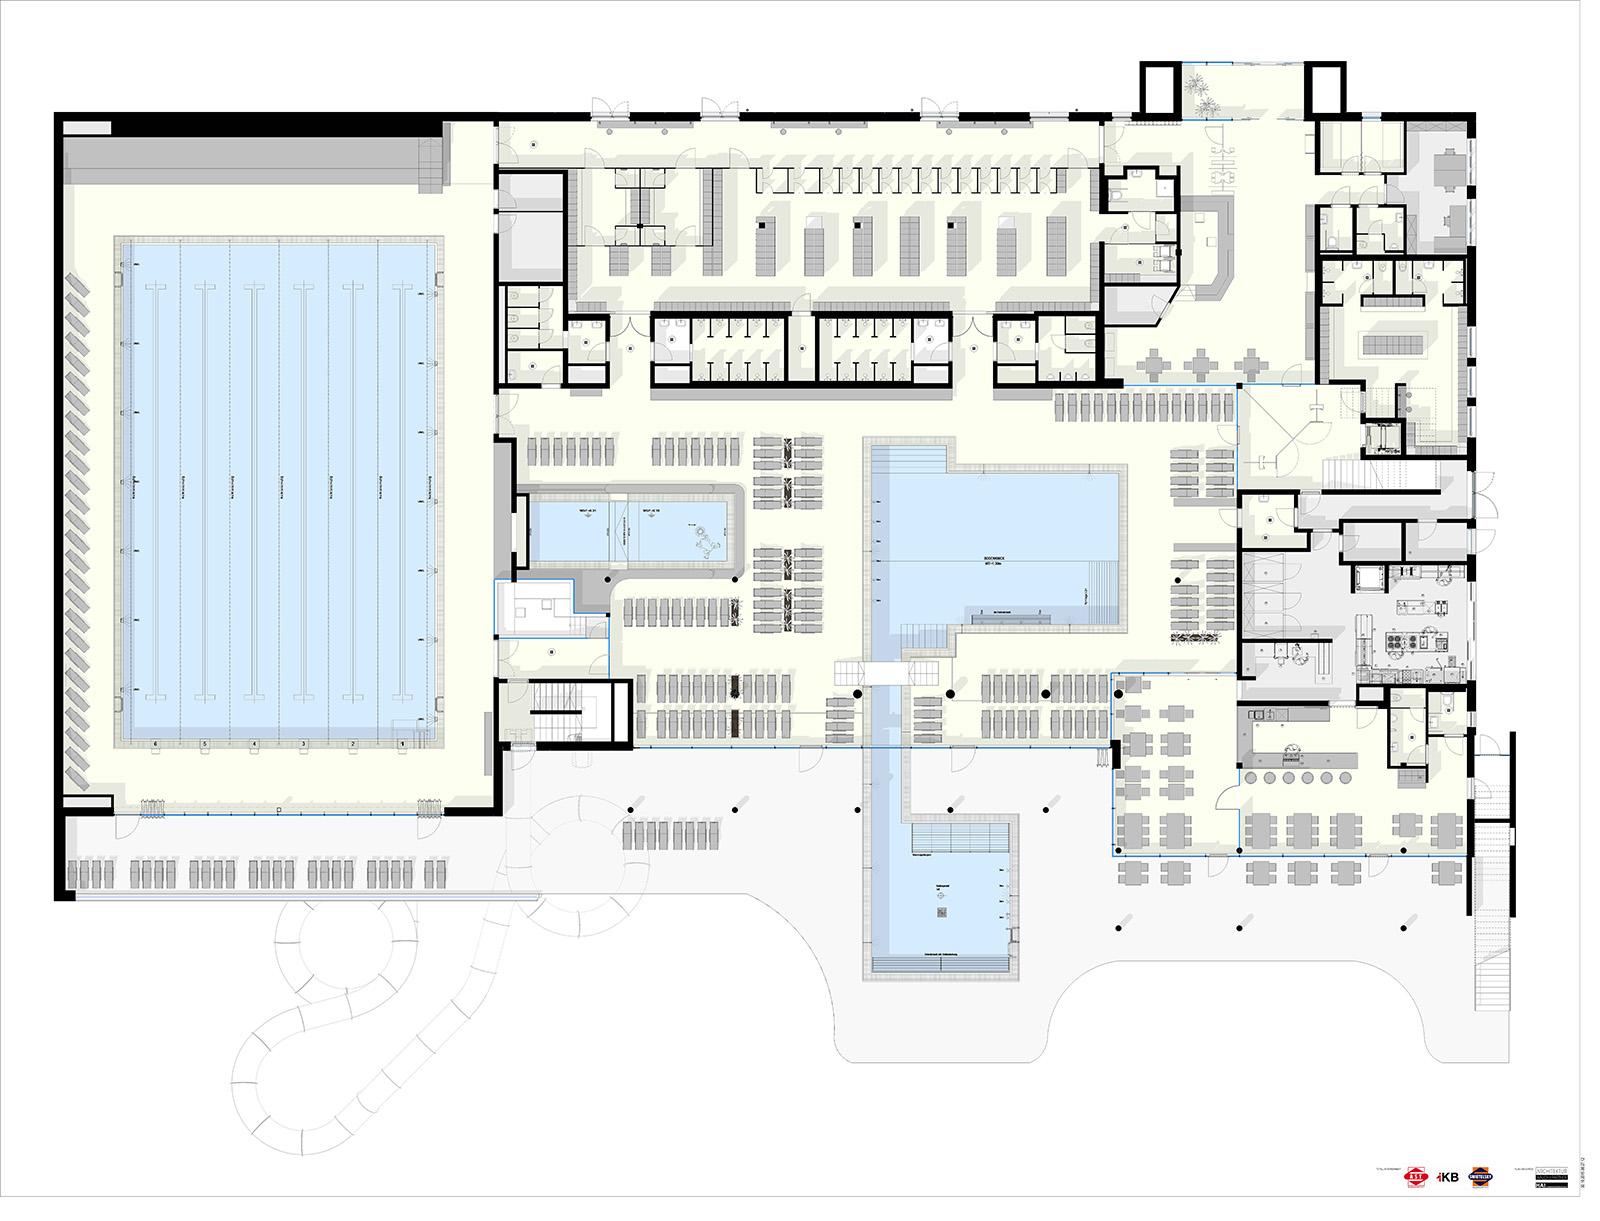 Das neue Telfer Bad - Wir sind Telfs - Marktgemeinde Telfs